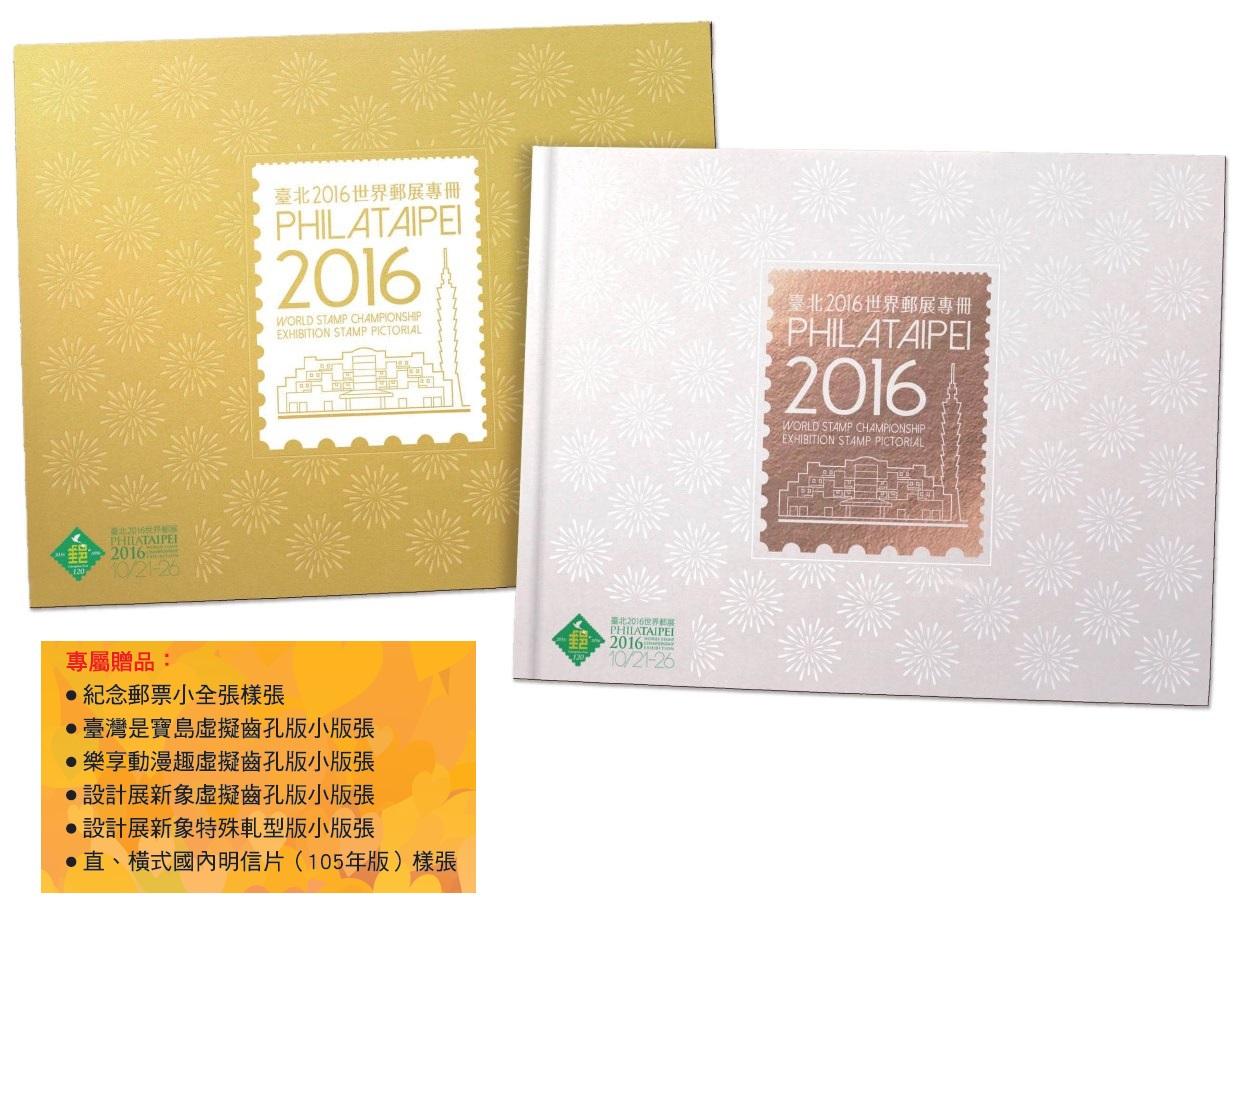 臺北2016世界郵展專冊